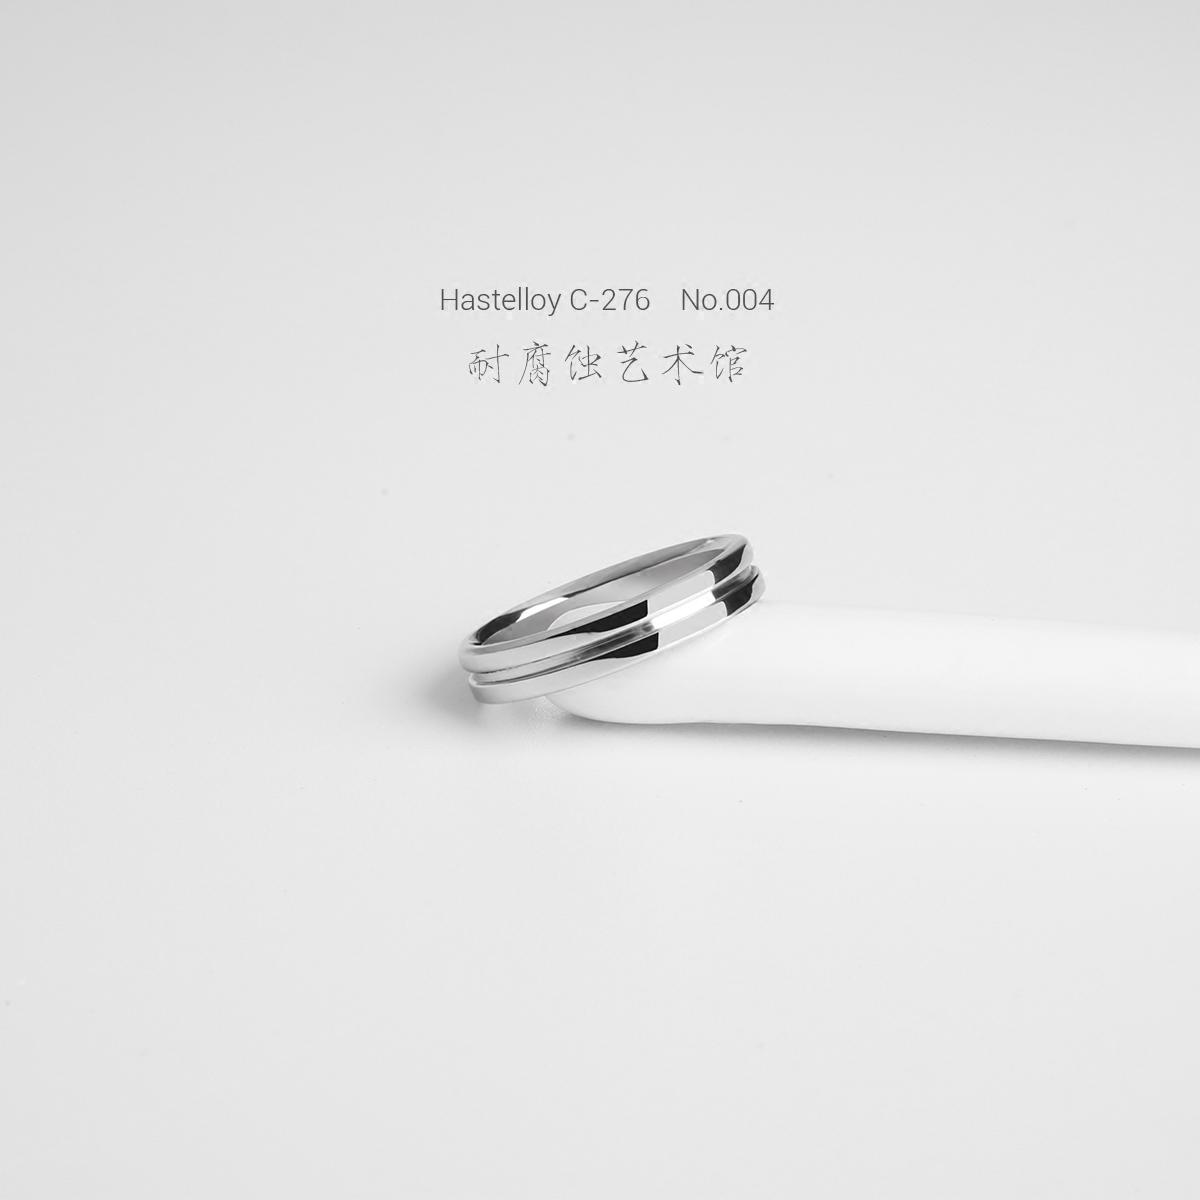 耐腐蚀艺术馆强韧全能耐蚀简约细腻亮白哈氏合金戒指轨迹